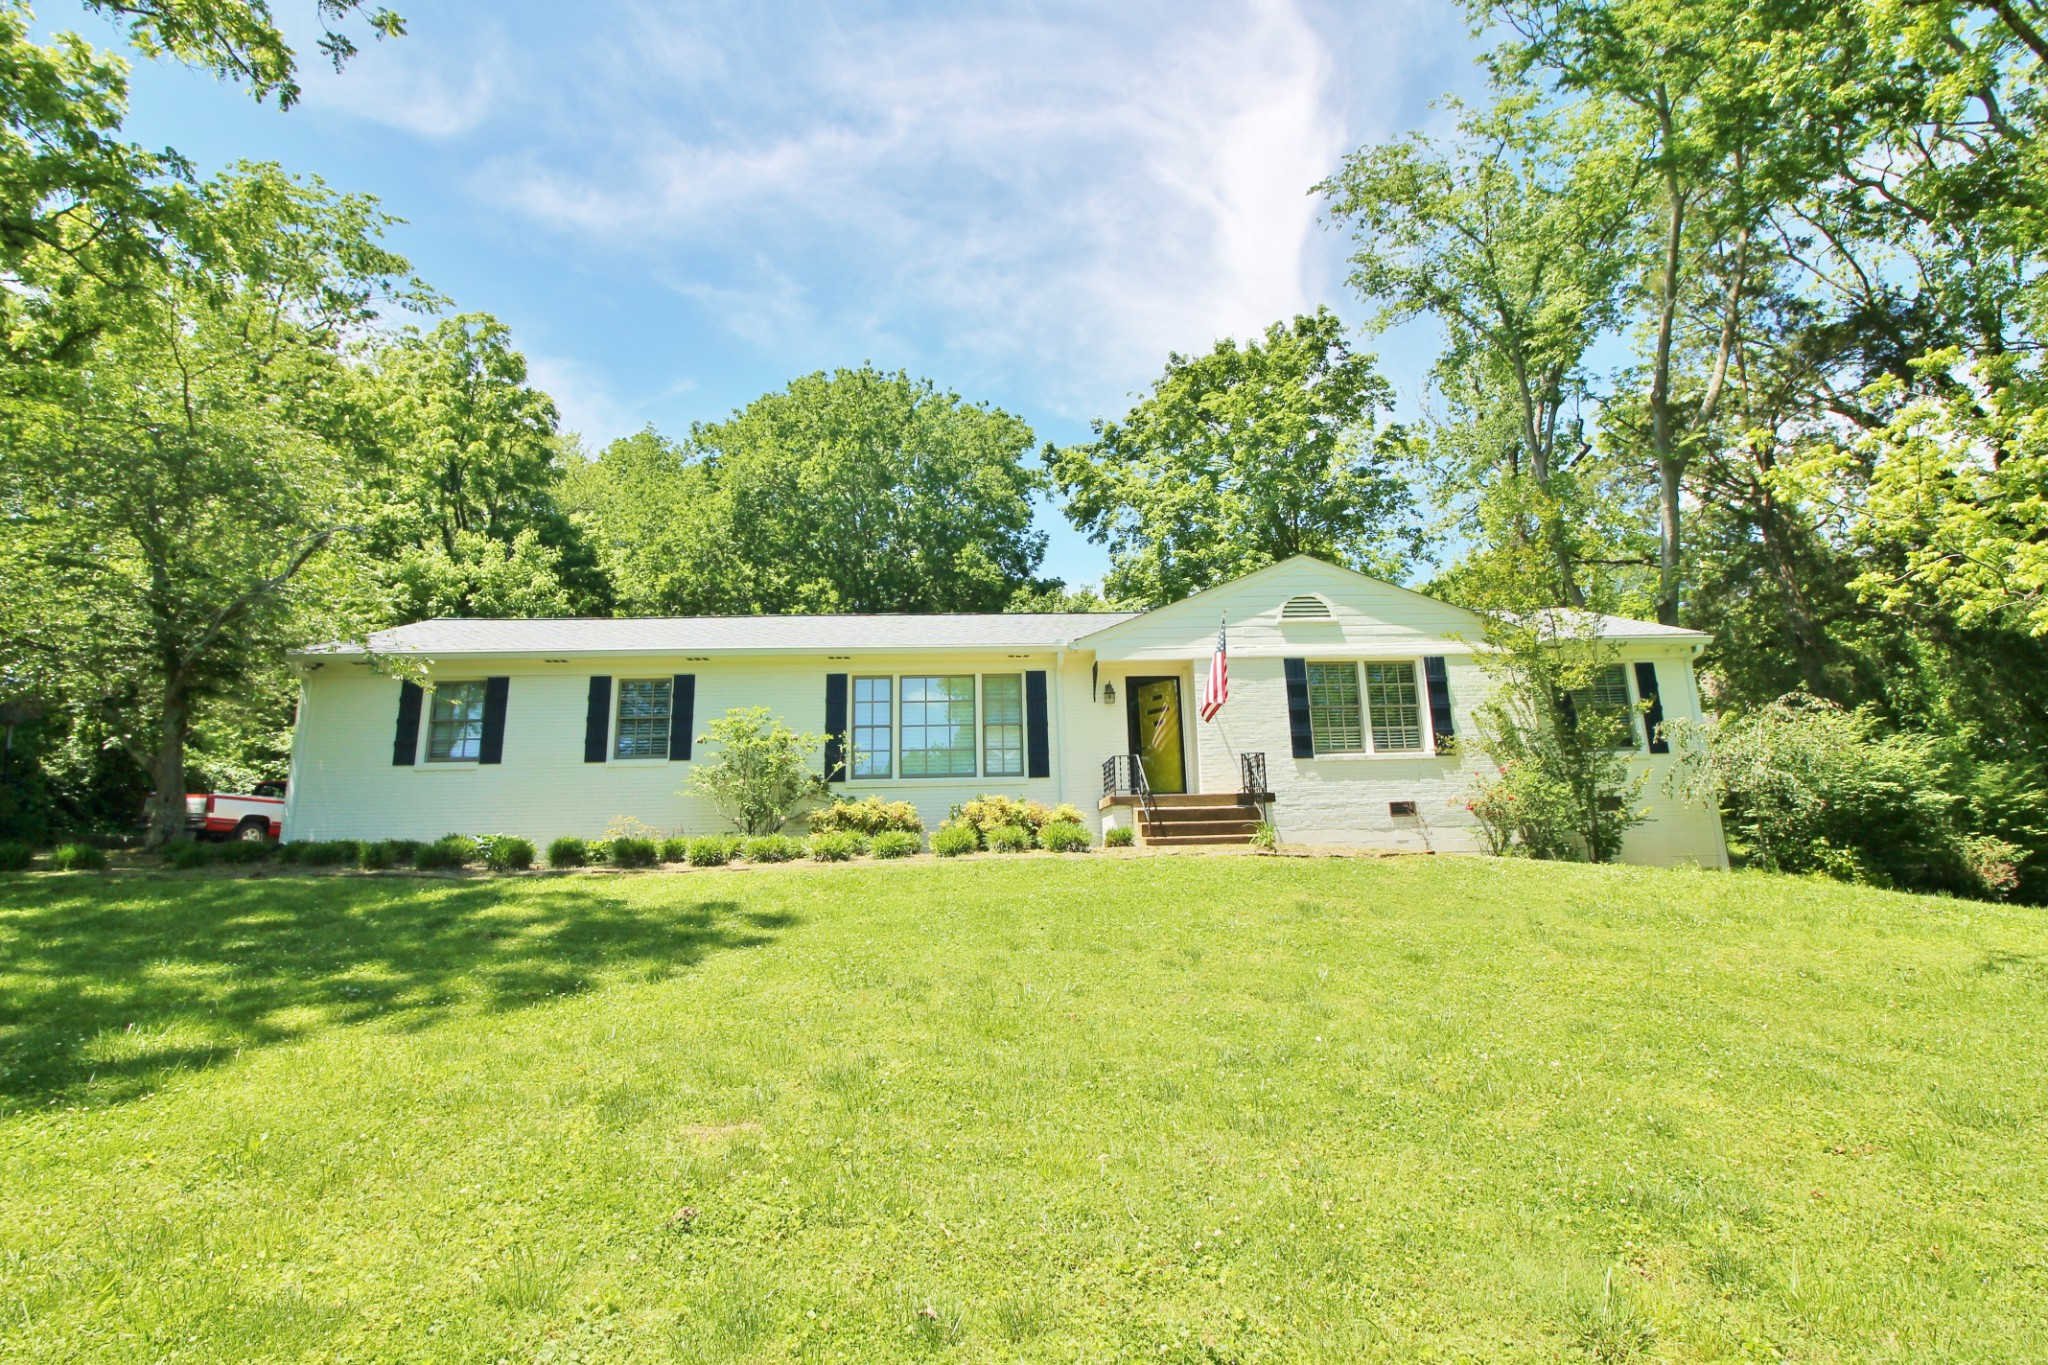 198 Barker Rd Property Photo - Nashville, TN real estate listing